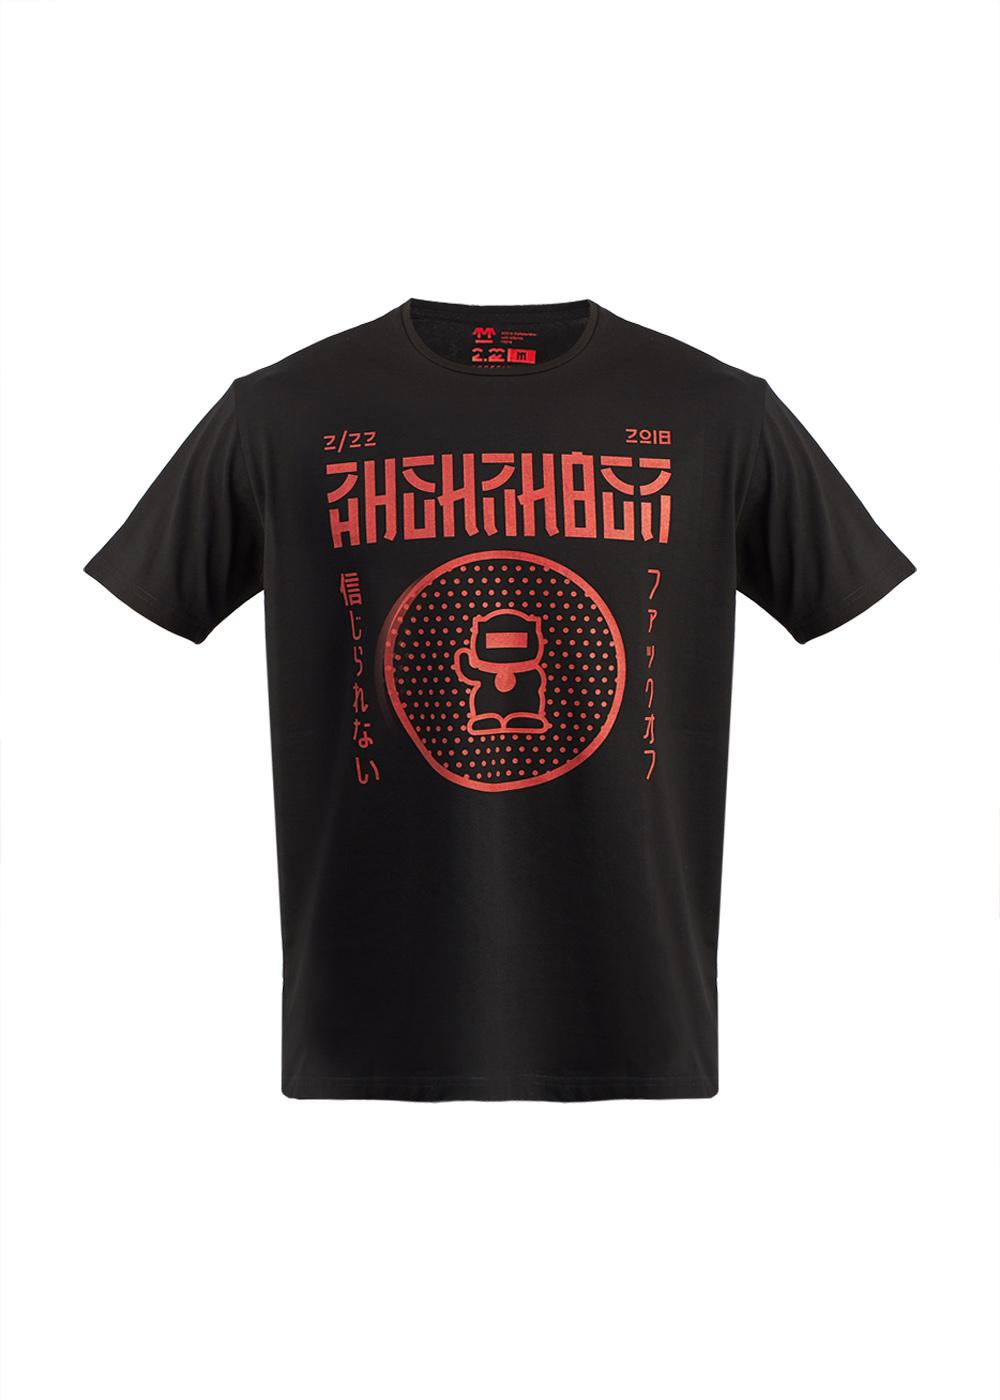 Купить 2.22 футболка